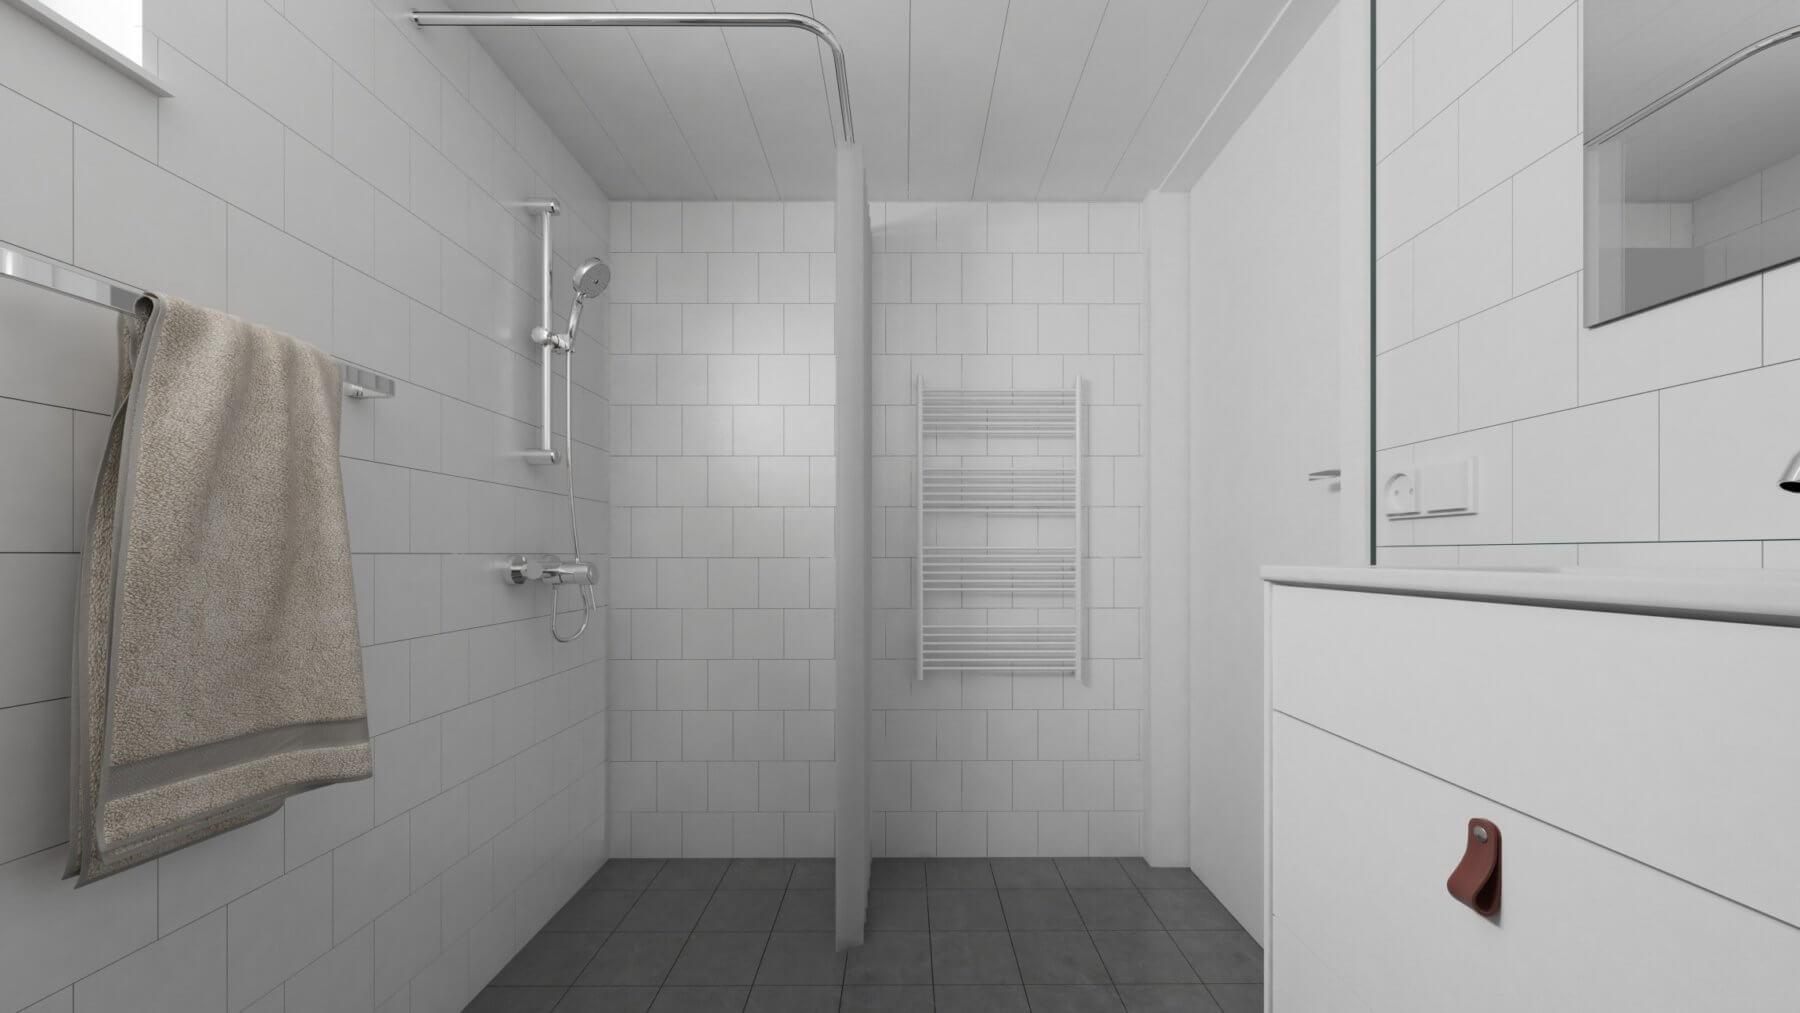 Attefallshus Panorama 25.3 dusch och handdukstork i badrum